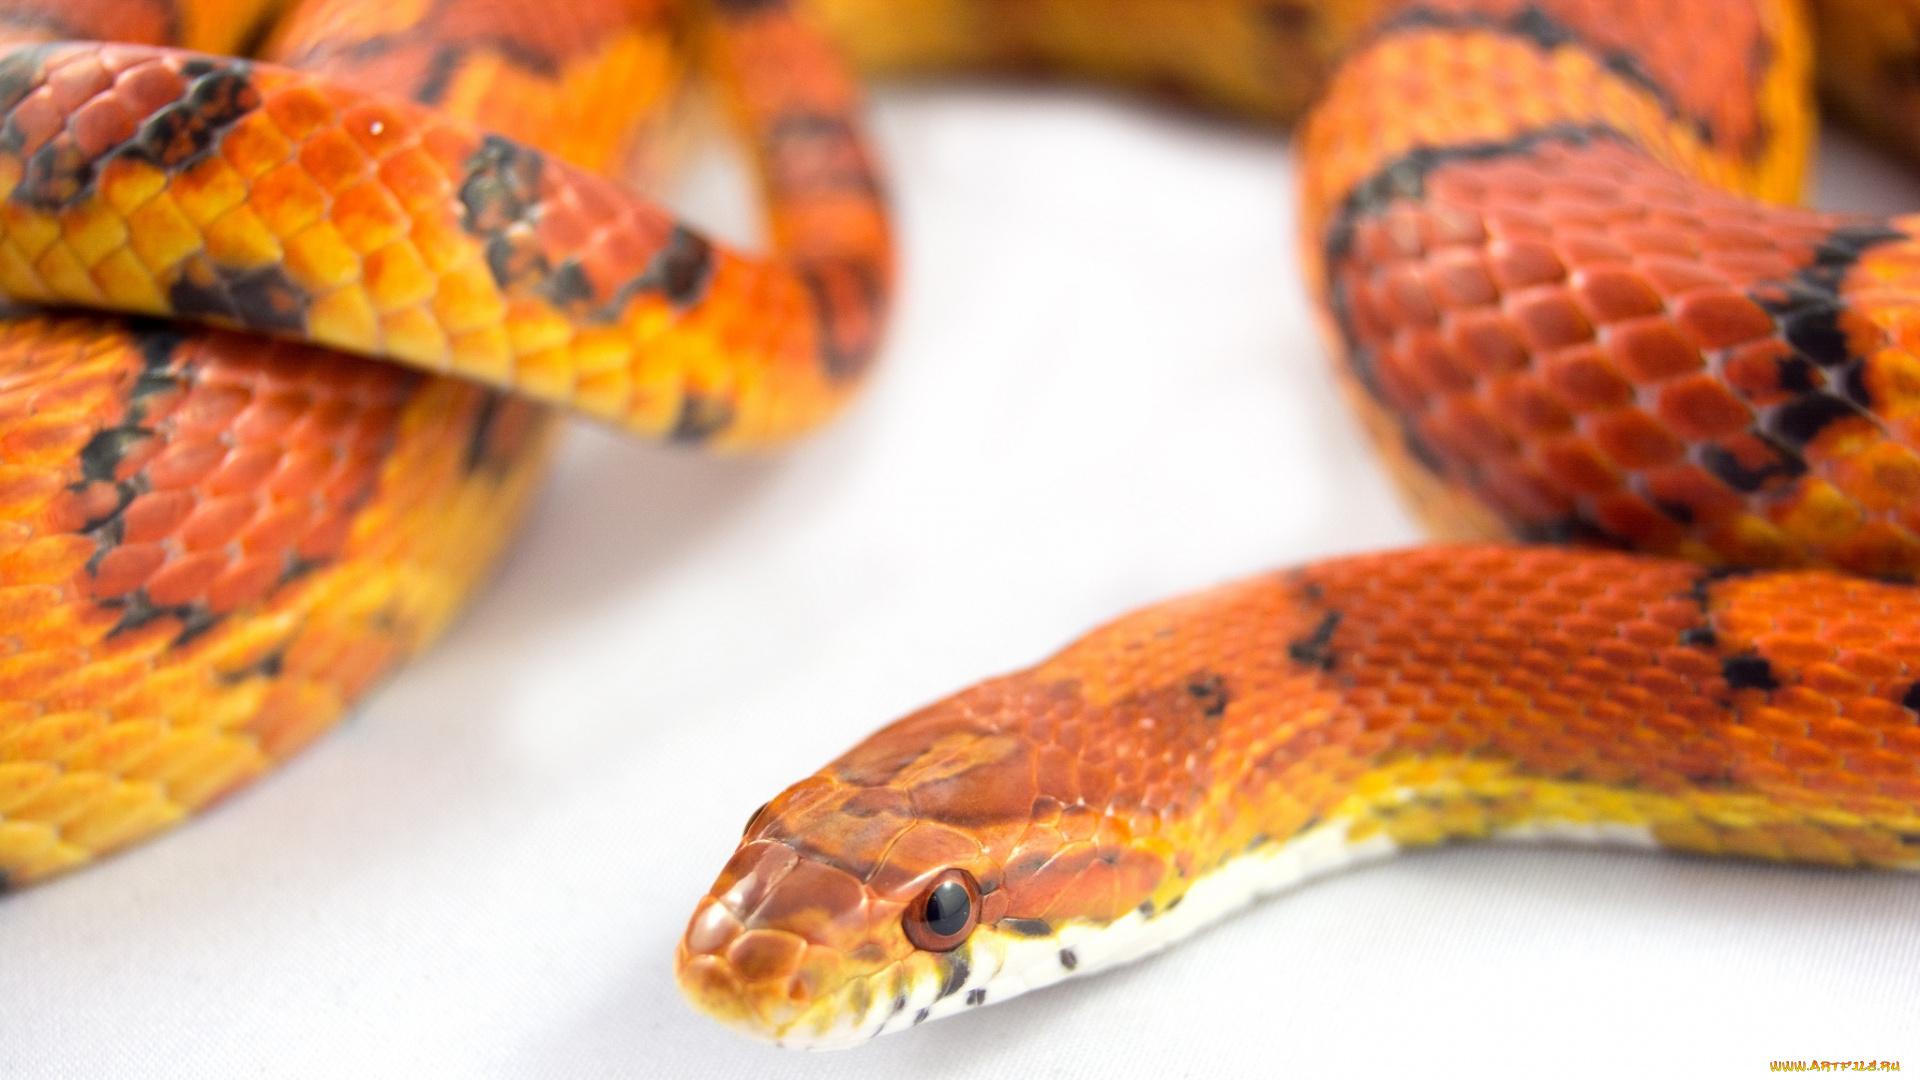 кустовой совершенно фото змеи рыже черная анастасия уверена, что